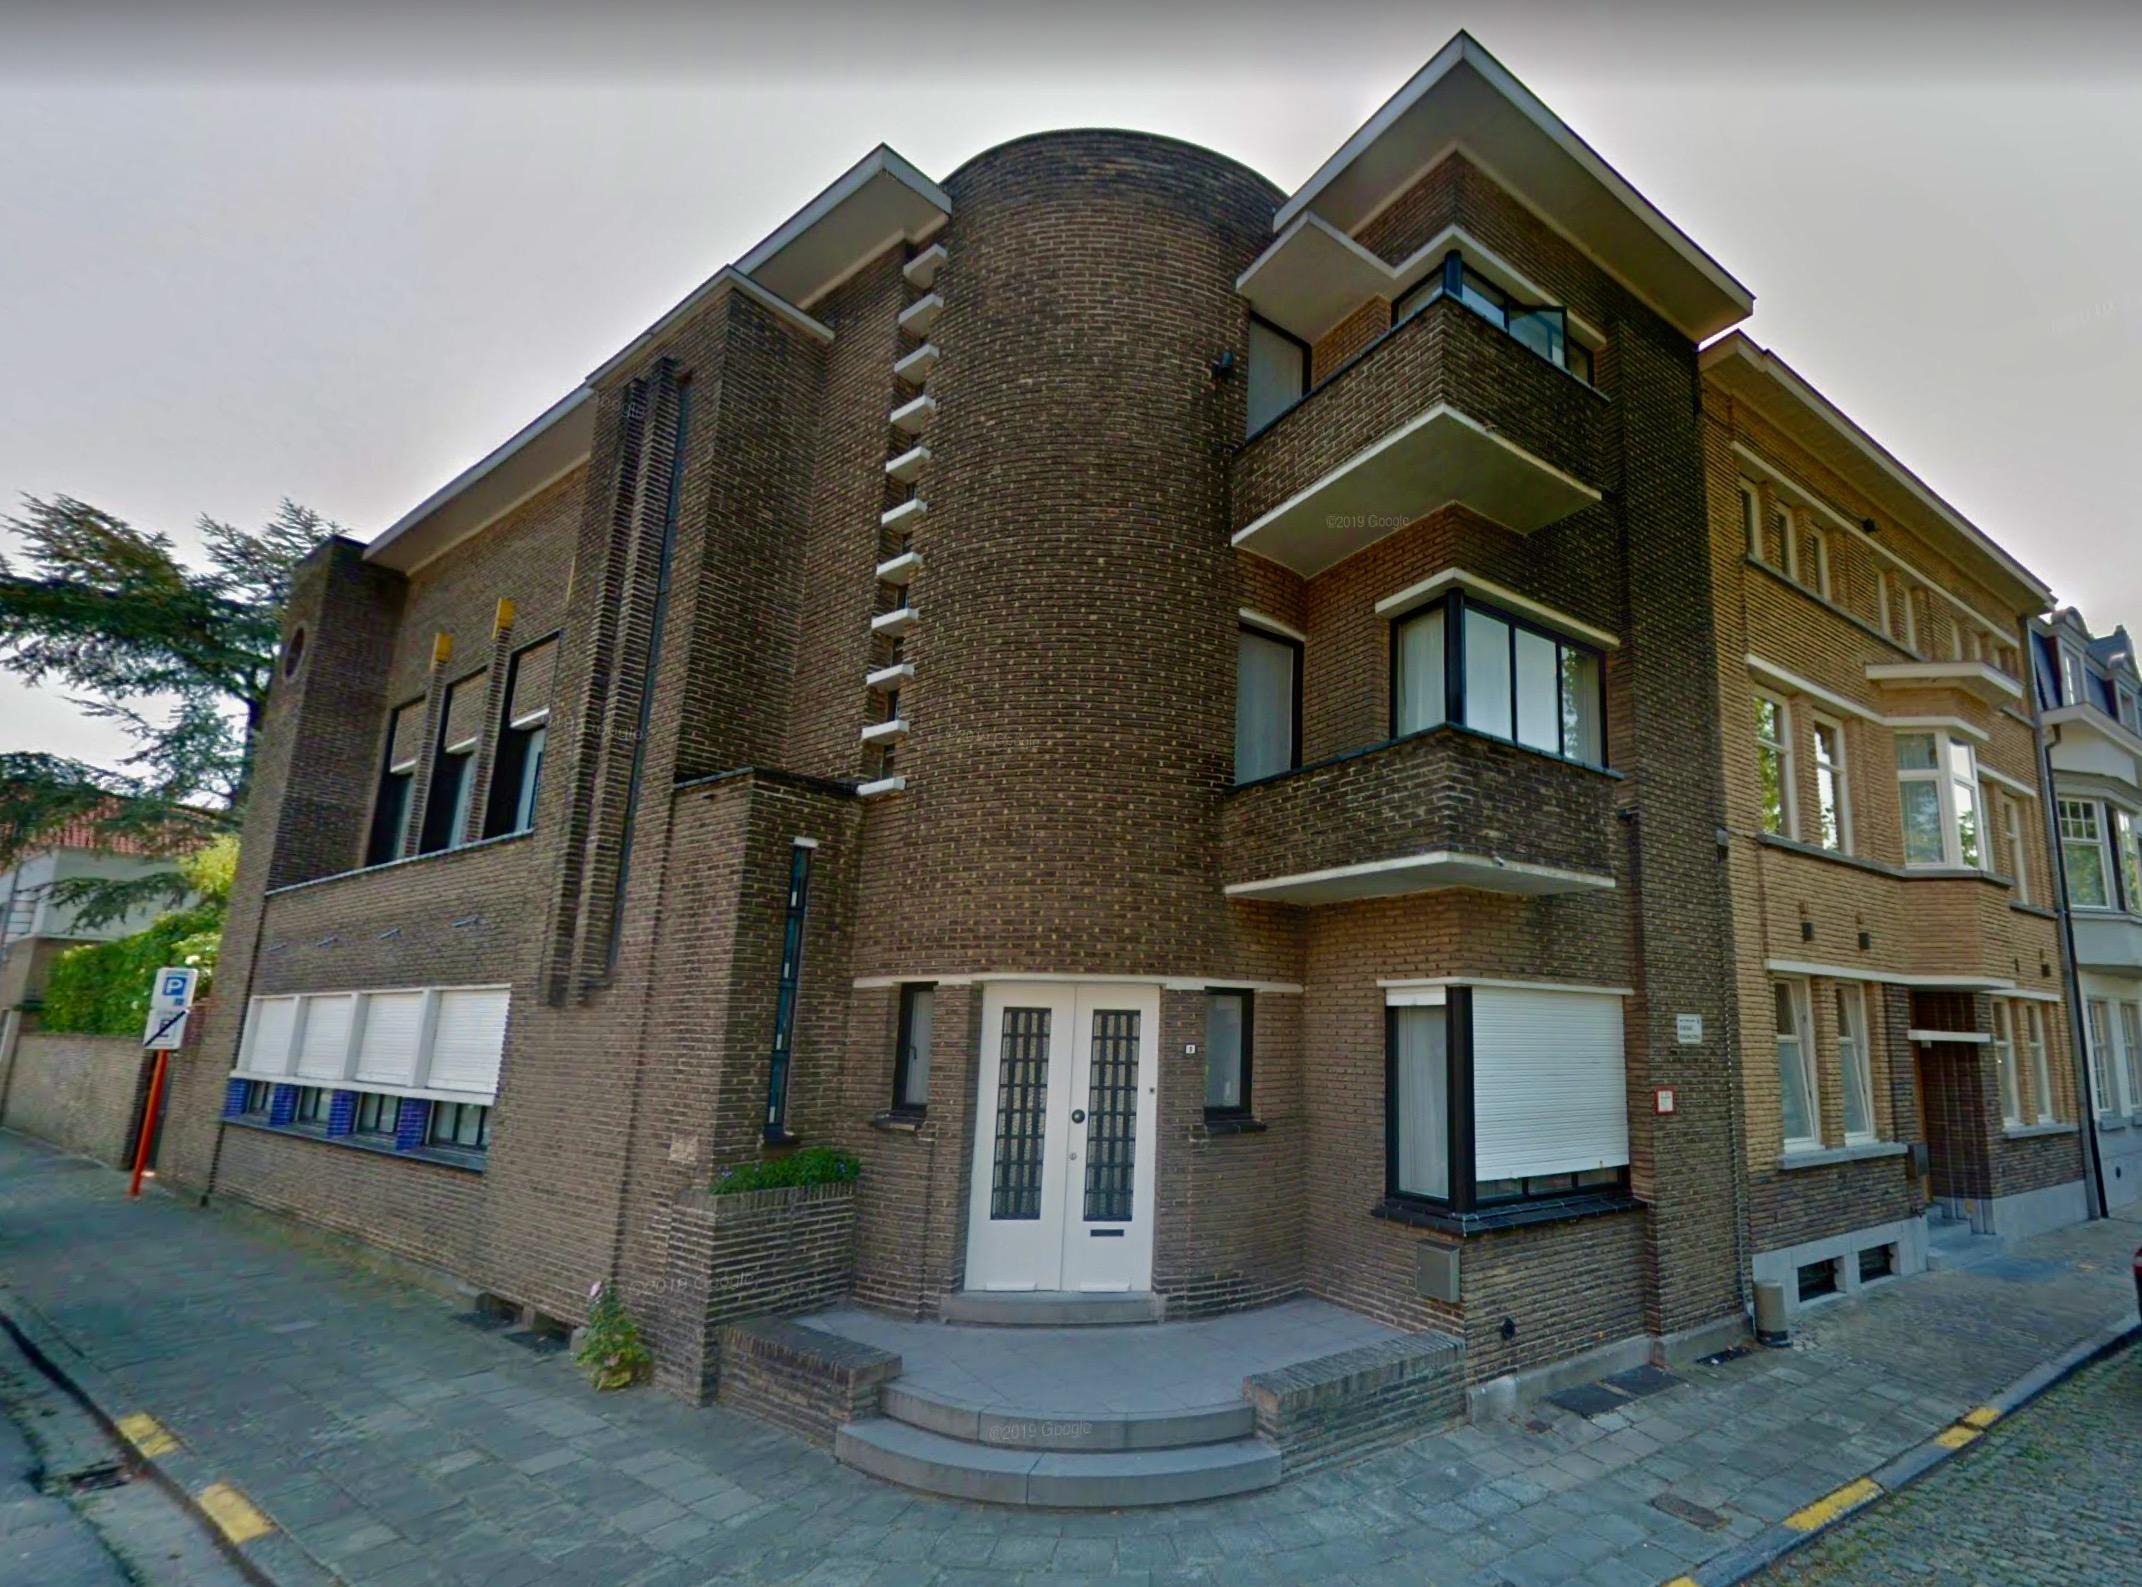 Hoekwoning uit 1933, naar een ontwerp van architect Jules Lippens. Foto: Google Streetview